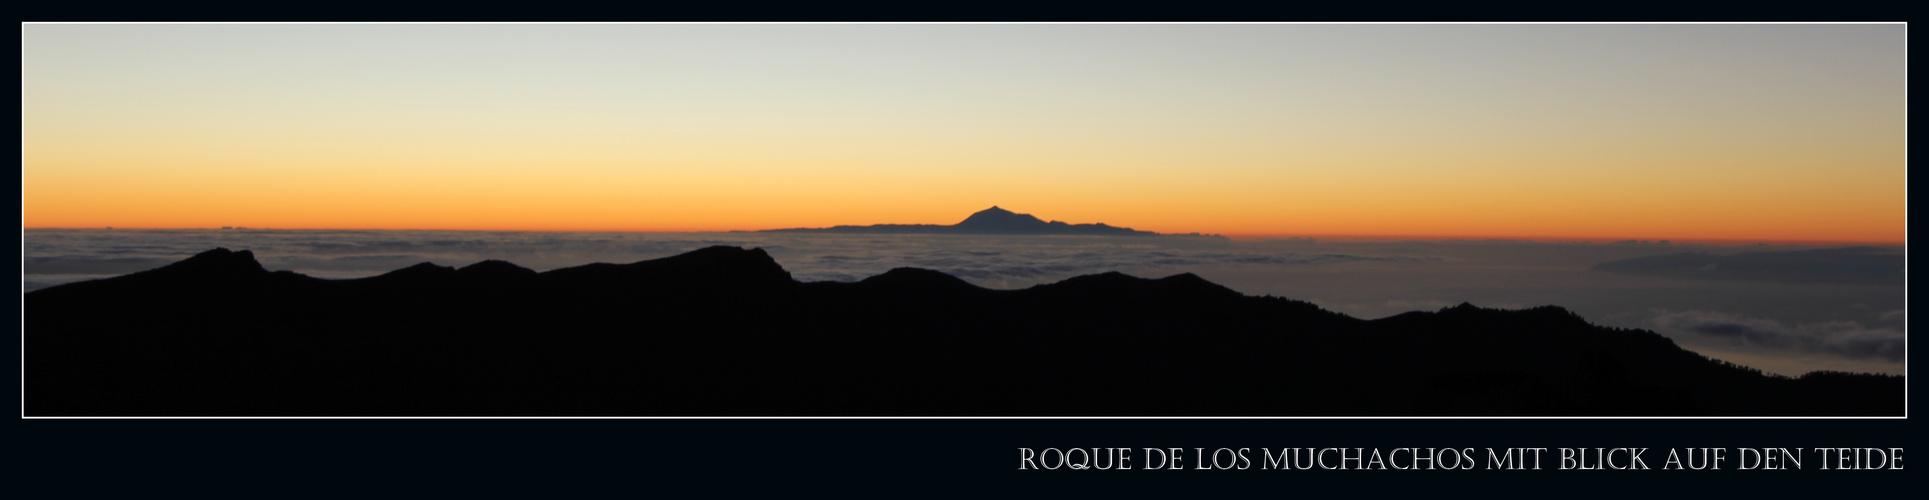 Roque de los Muchachos – Blick auf den Teide